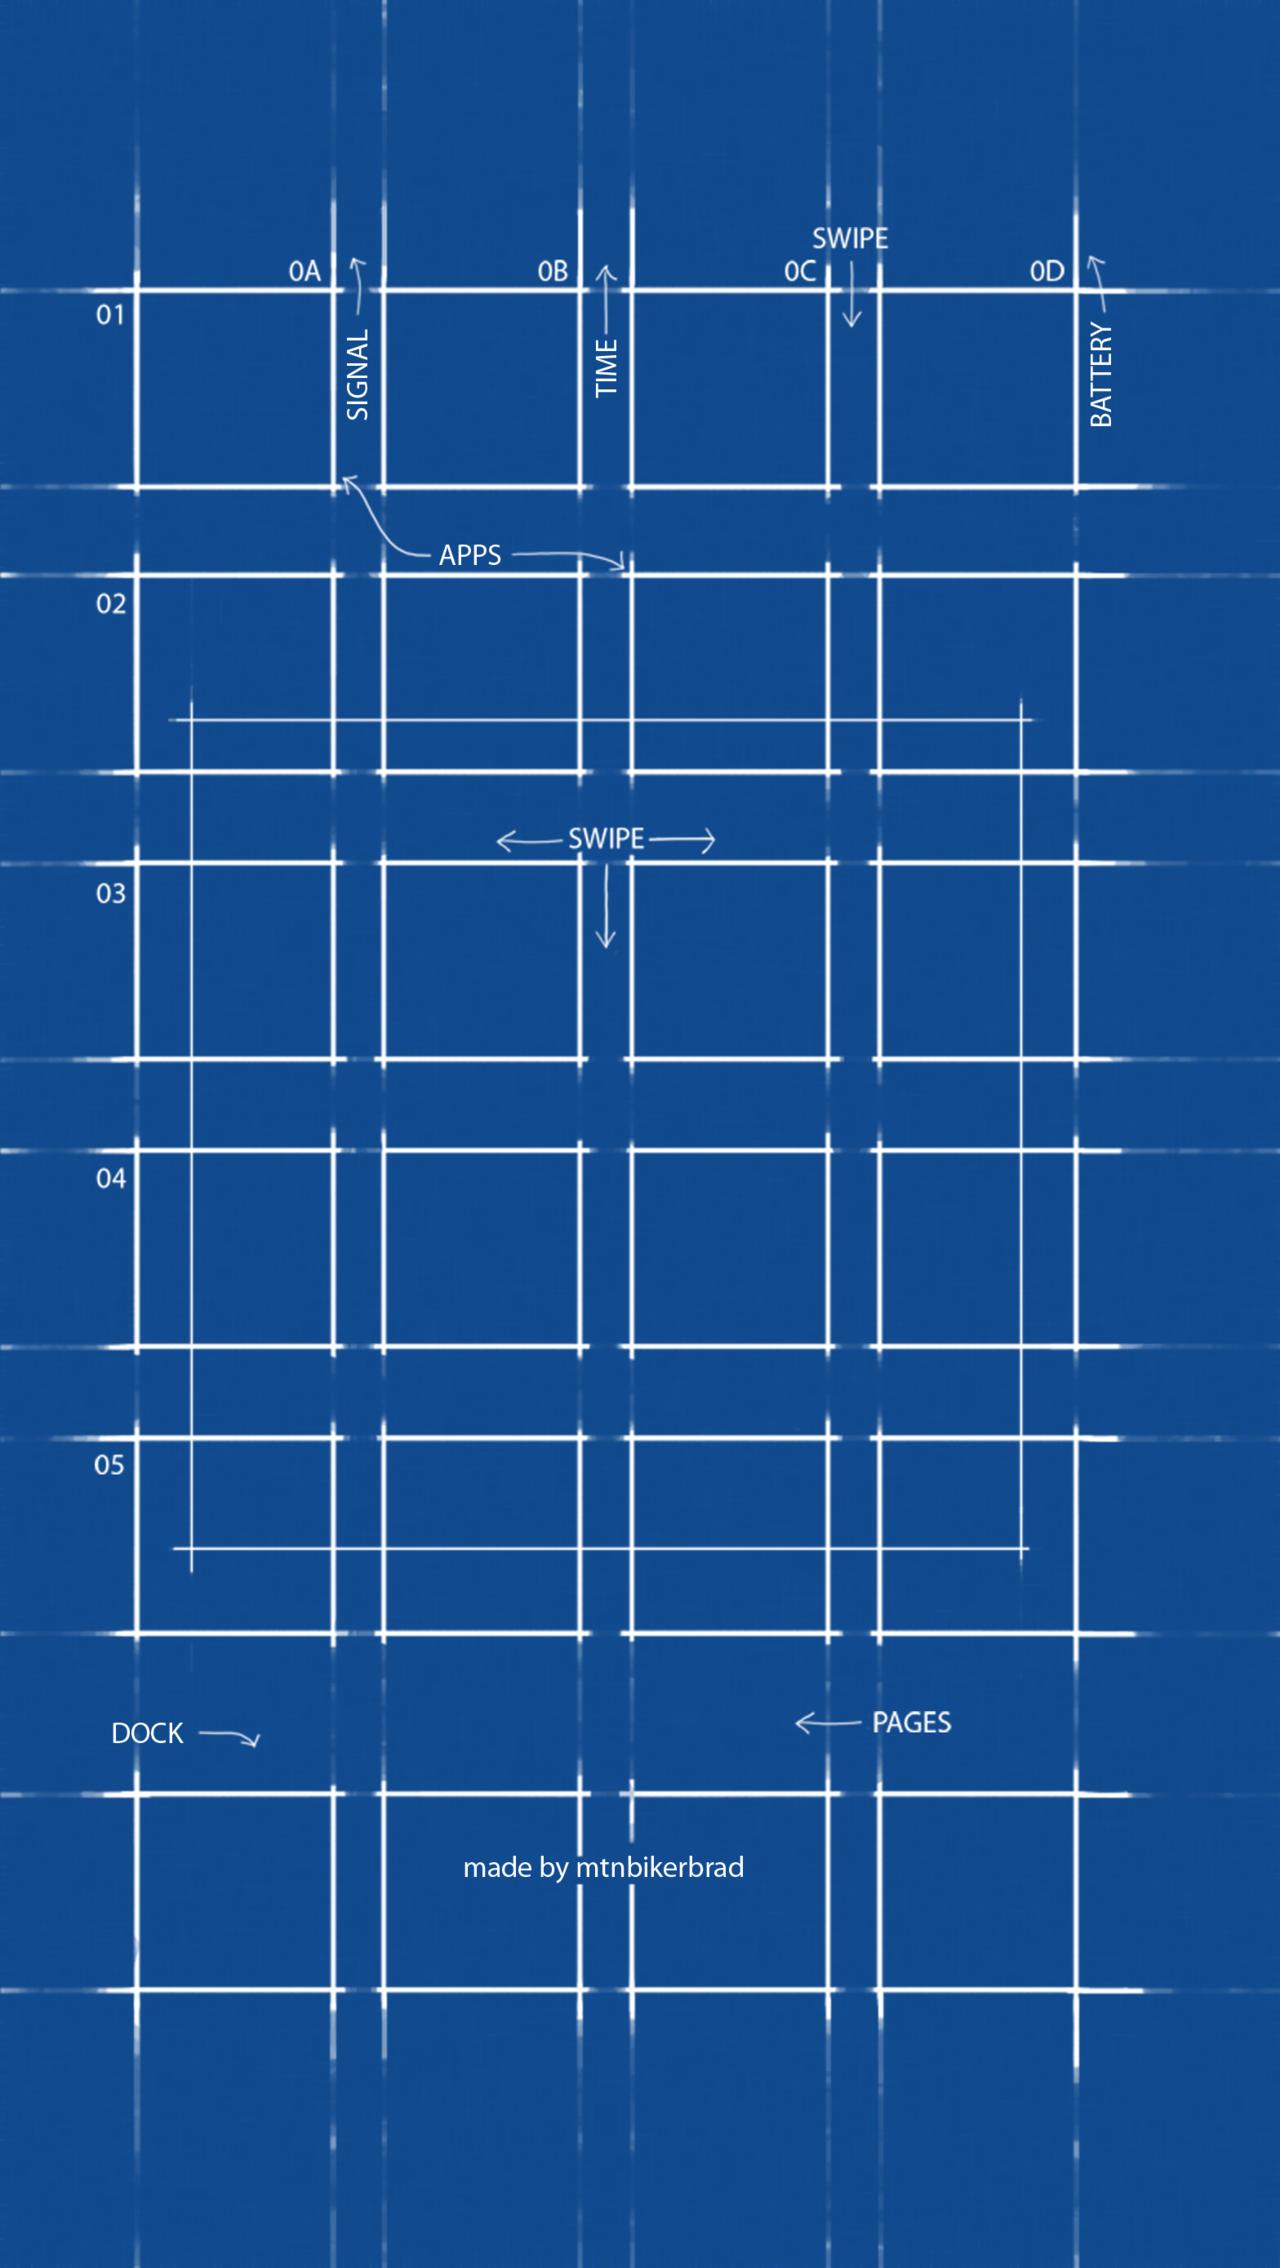 21+] iPhone 21 Wallpaper Template on WallpaperSafari